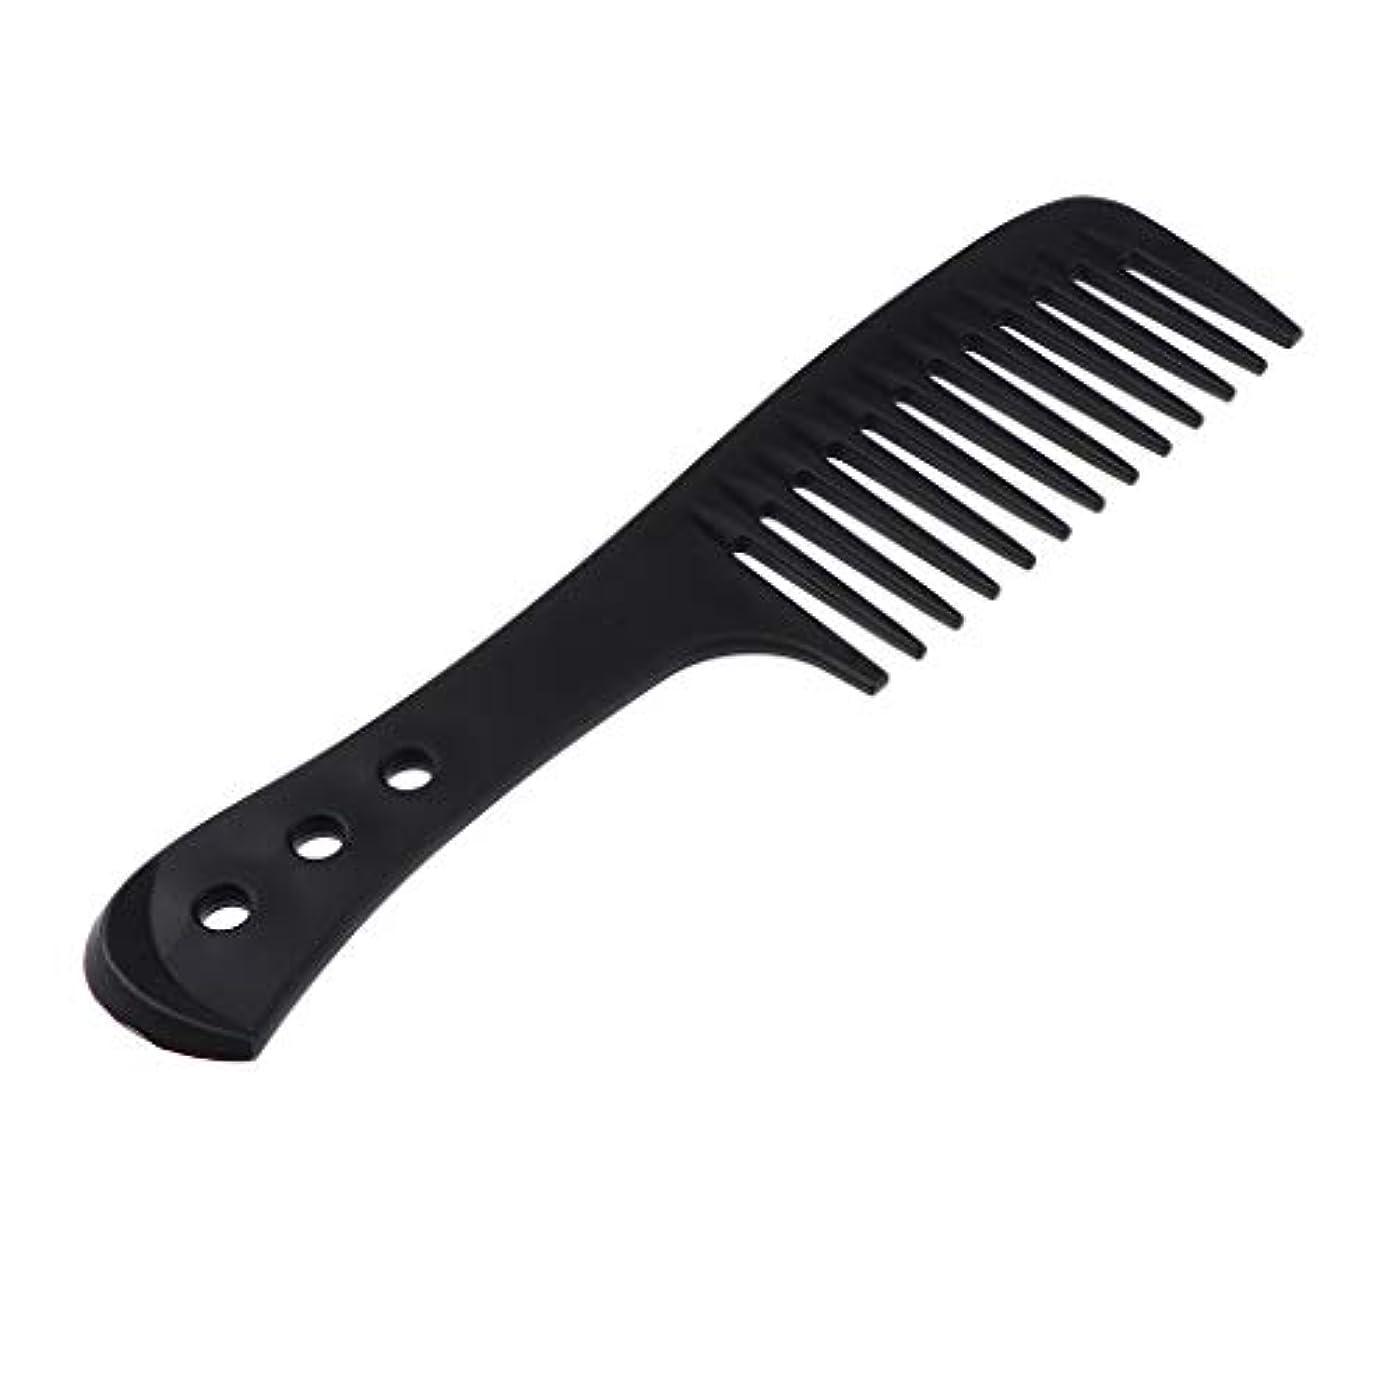 独立昇る武器ワイド歯ブラシ 美容整形 美容整形髪ブラシ 全4色 - ブラック